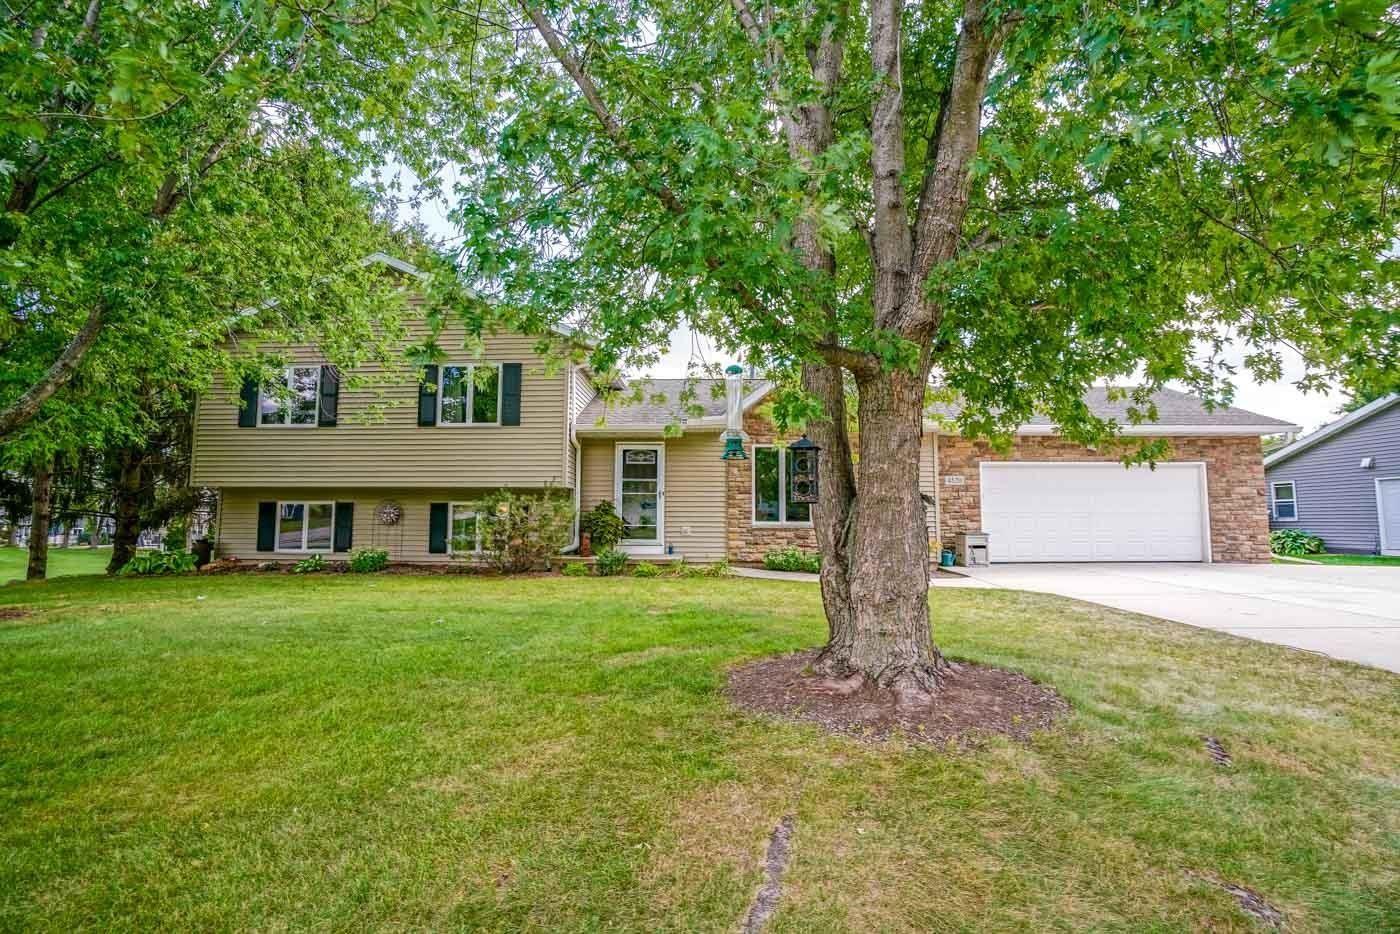 4520 Sandpiper Tr, Cottage Grove, WI 53527 - #: 1919547